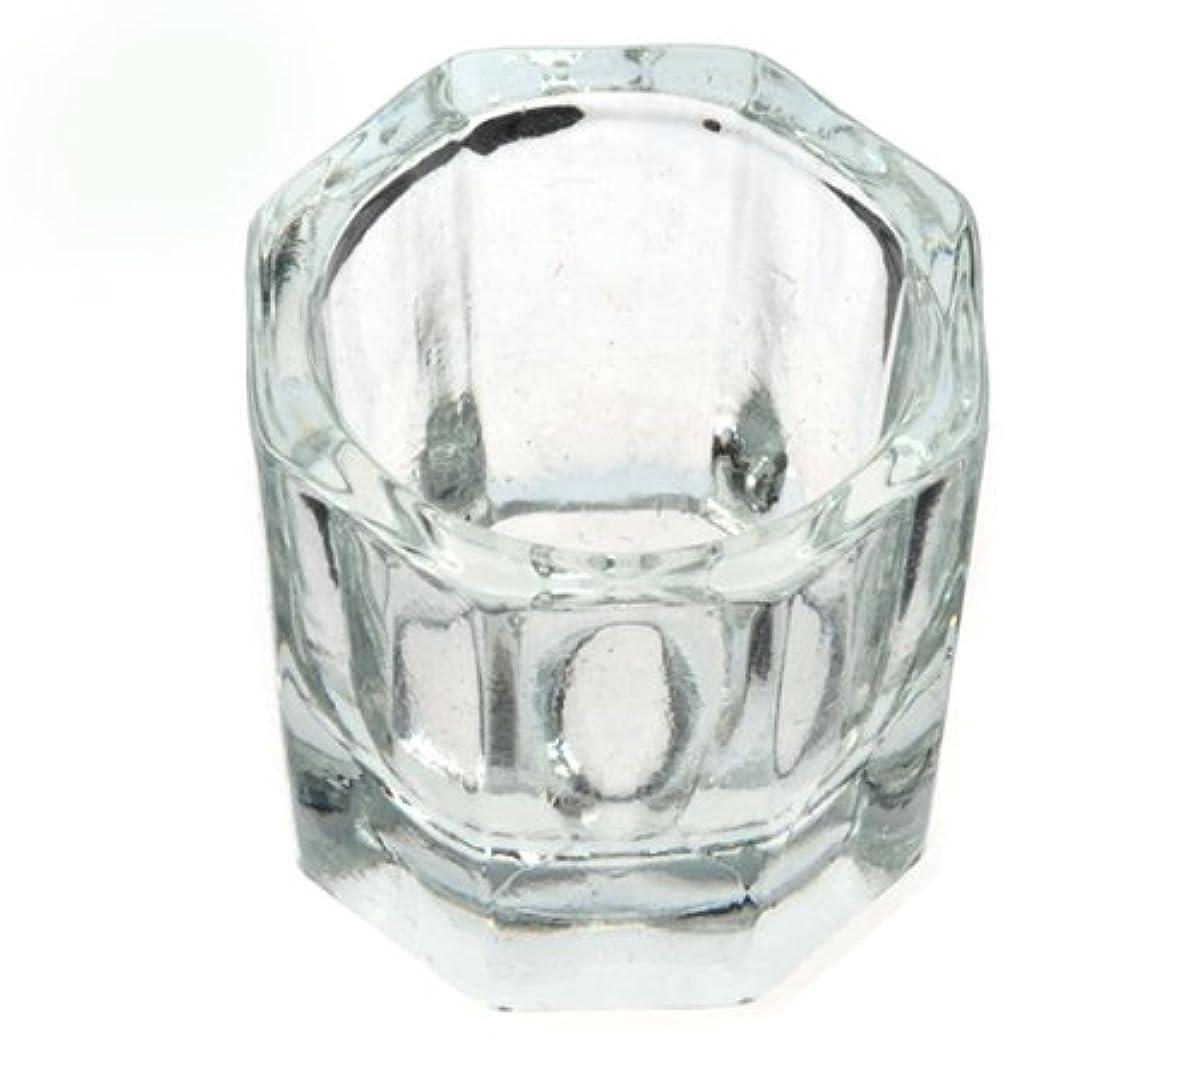 献身有名ビバダッペンディッシュ グラスディッシュ 筆洗い ガラス容器 ジェルネイル用筆洗浄